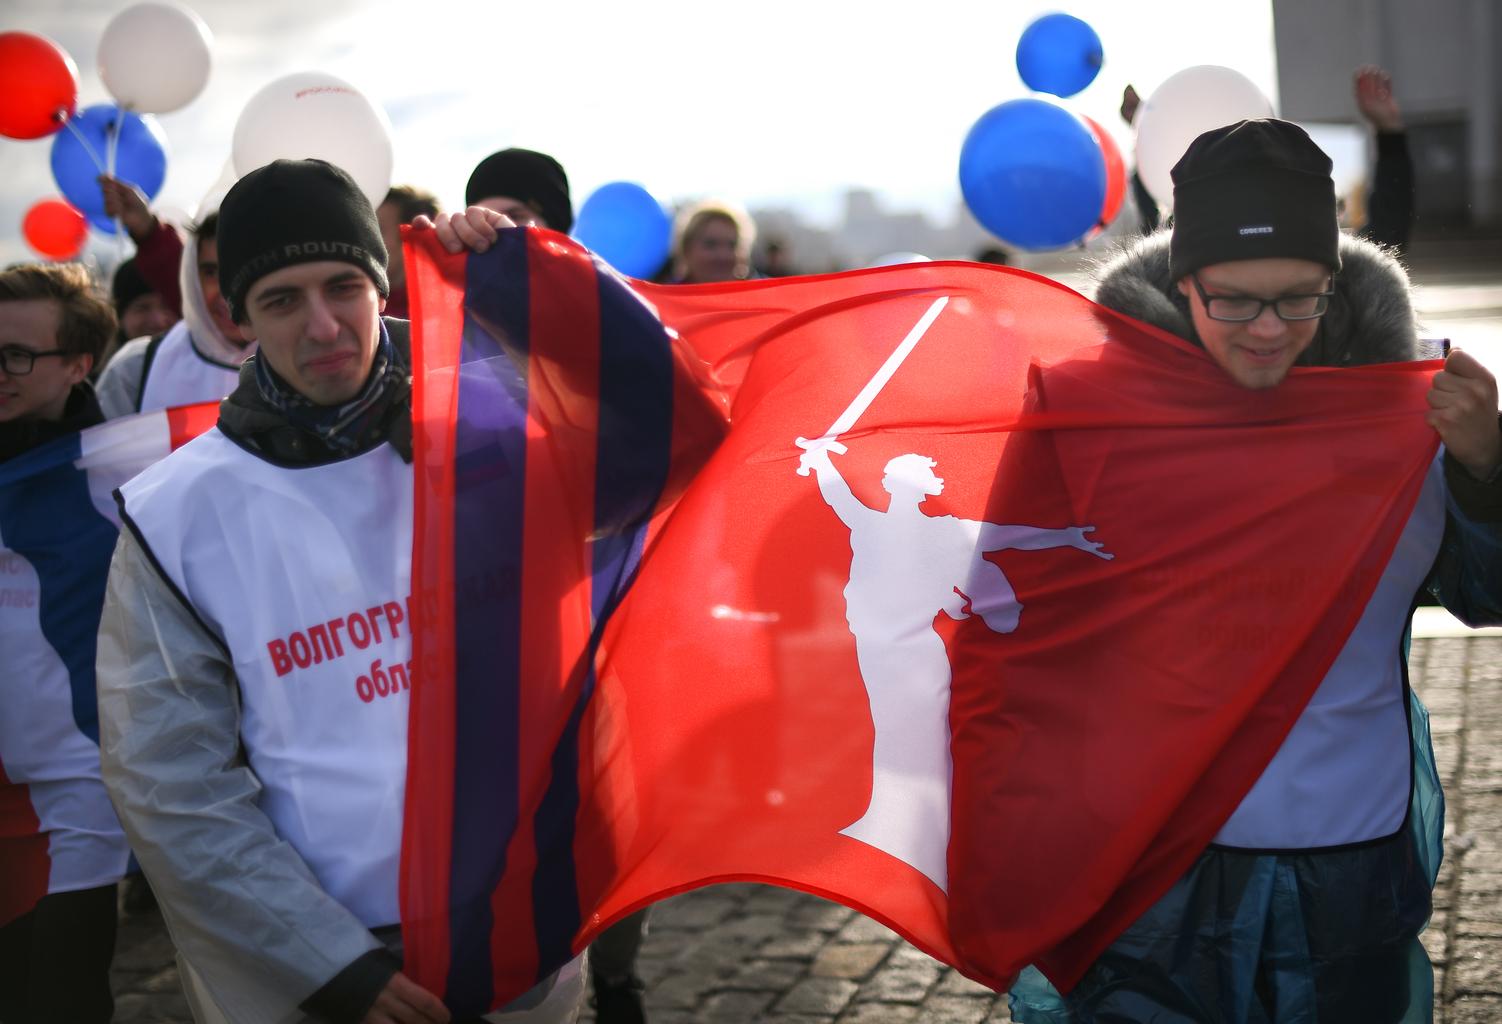 Fiatalok az Orosz Nemzeti egység napját ünneplik MOszkvában 2018. november 4-én #moszkvater